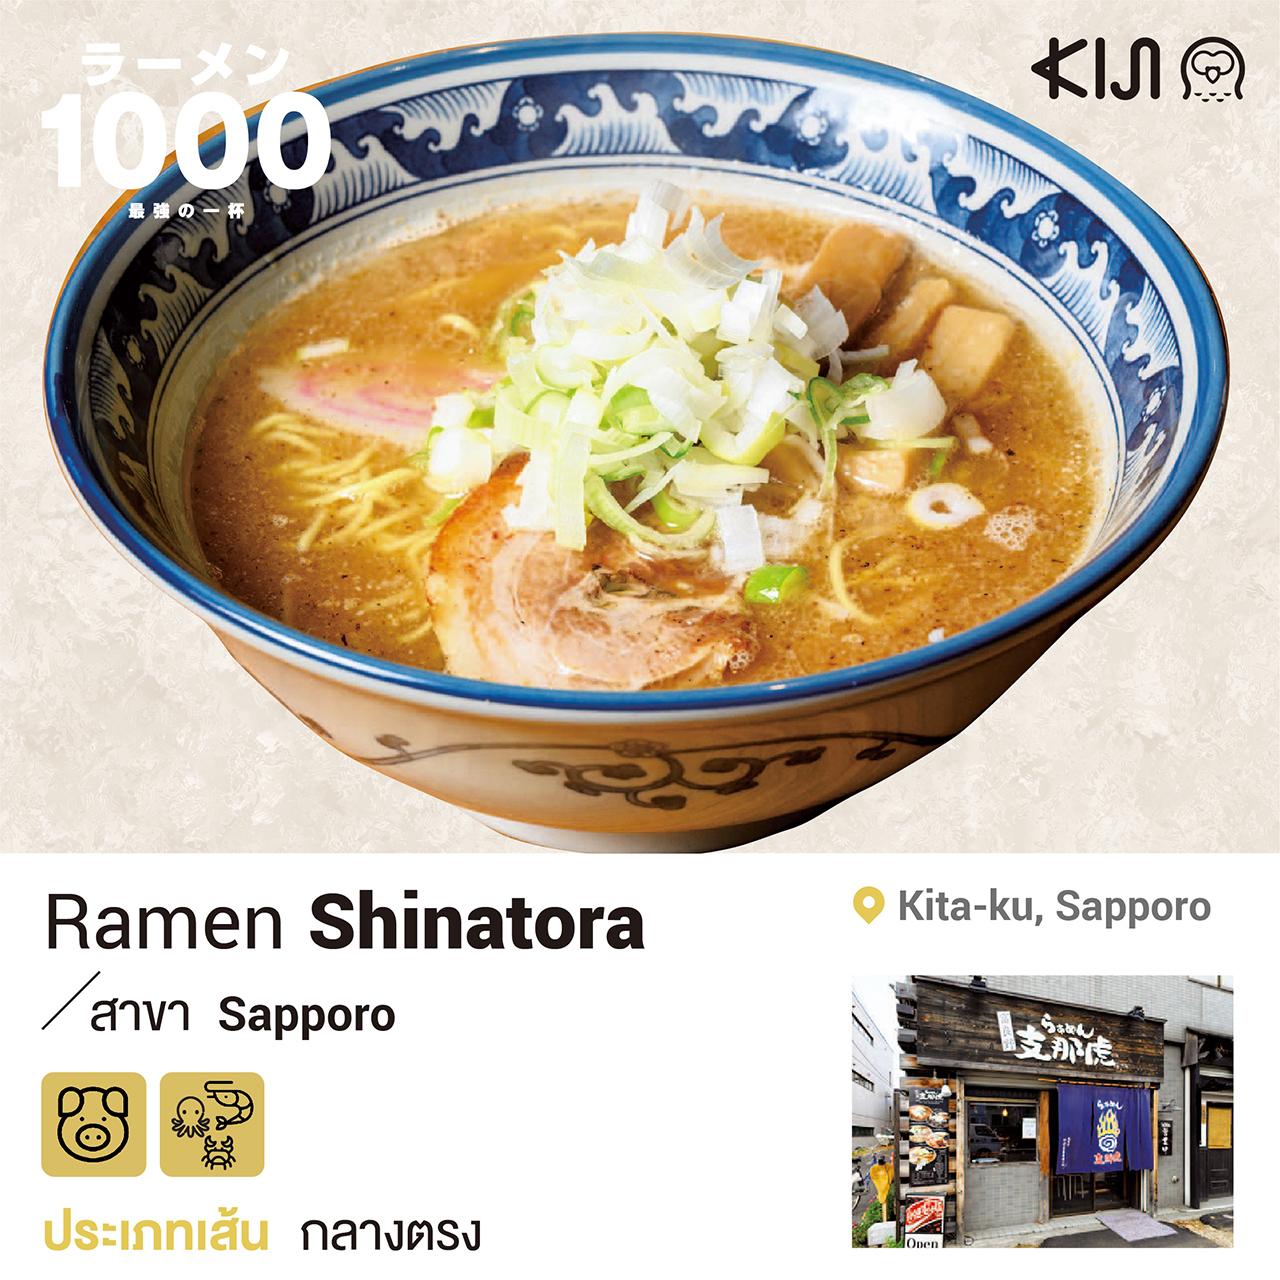 ร้านราเมน เขตคิตะ เมืองซัปโปโร จ.ฮอกไกโด - Ramen Shinatora สาขา Sapporo